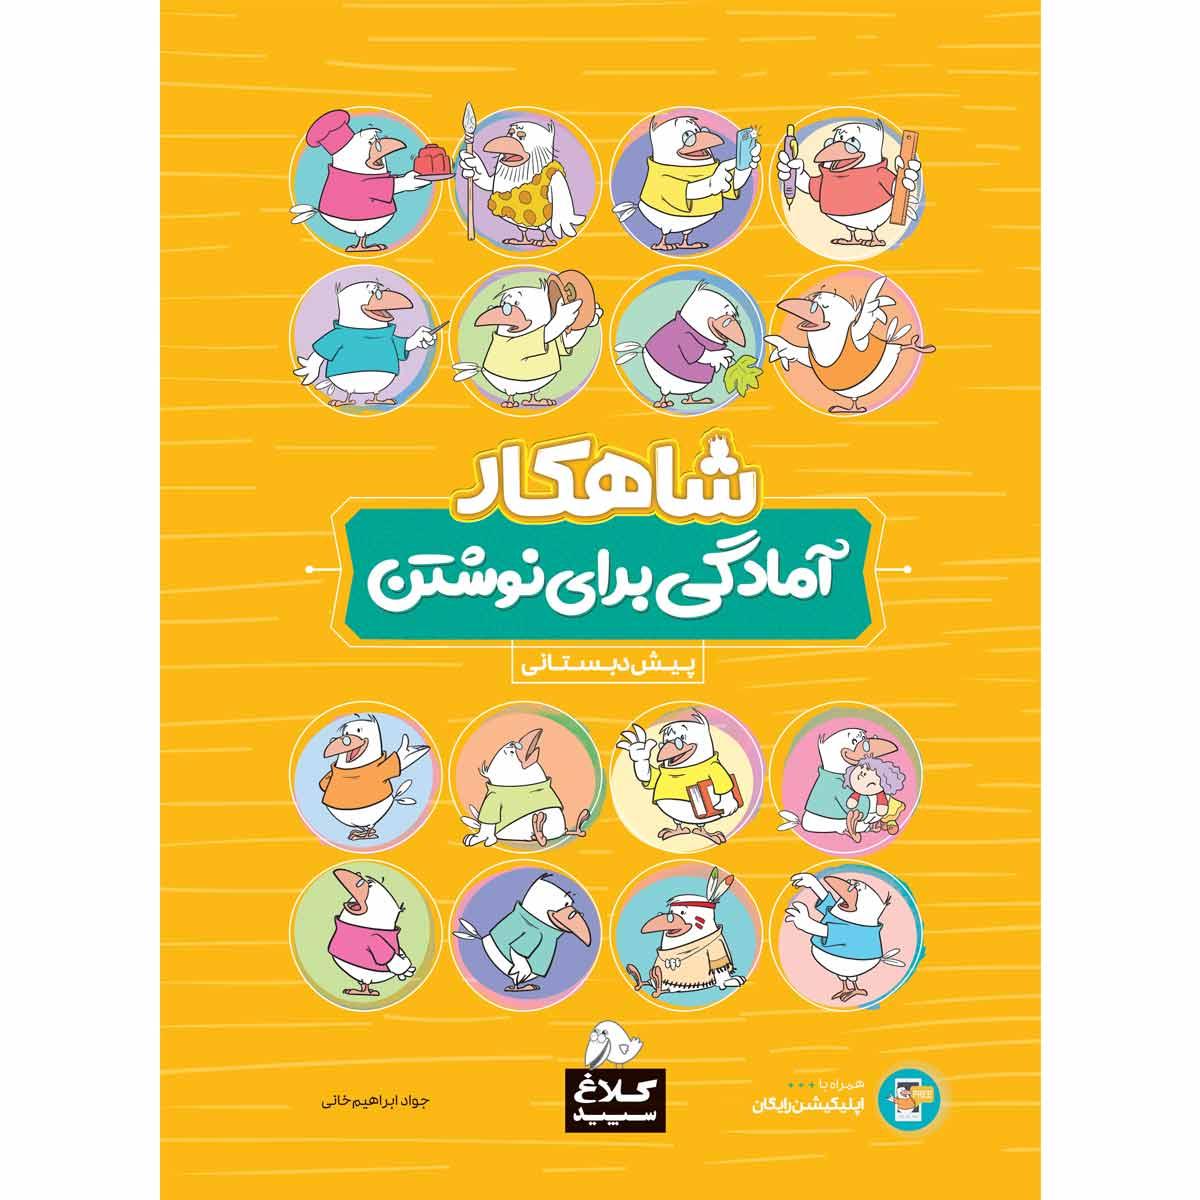 خرید                      کتاب آمادگی برای نوشتن پیش دبستانی شاهکار اثر جواد ابراهیم خانی انتشارات کلاغ سپید